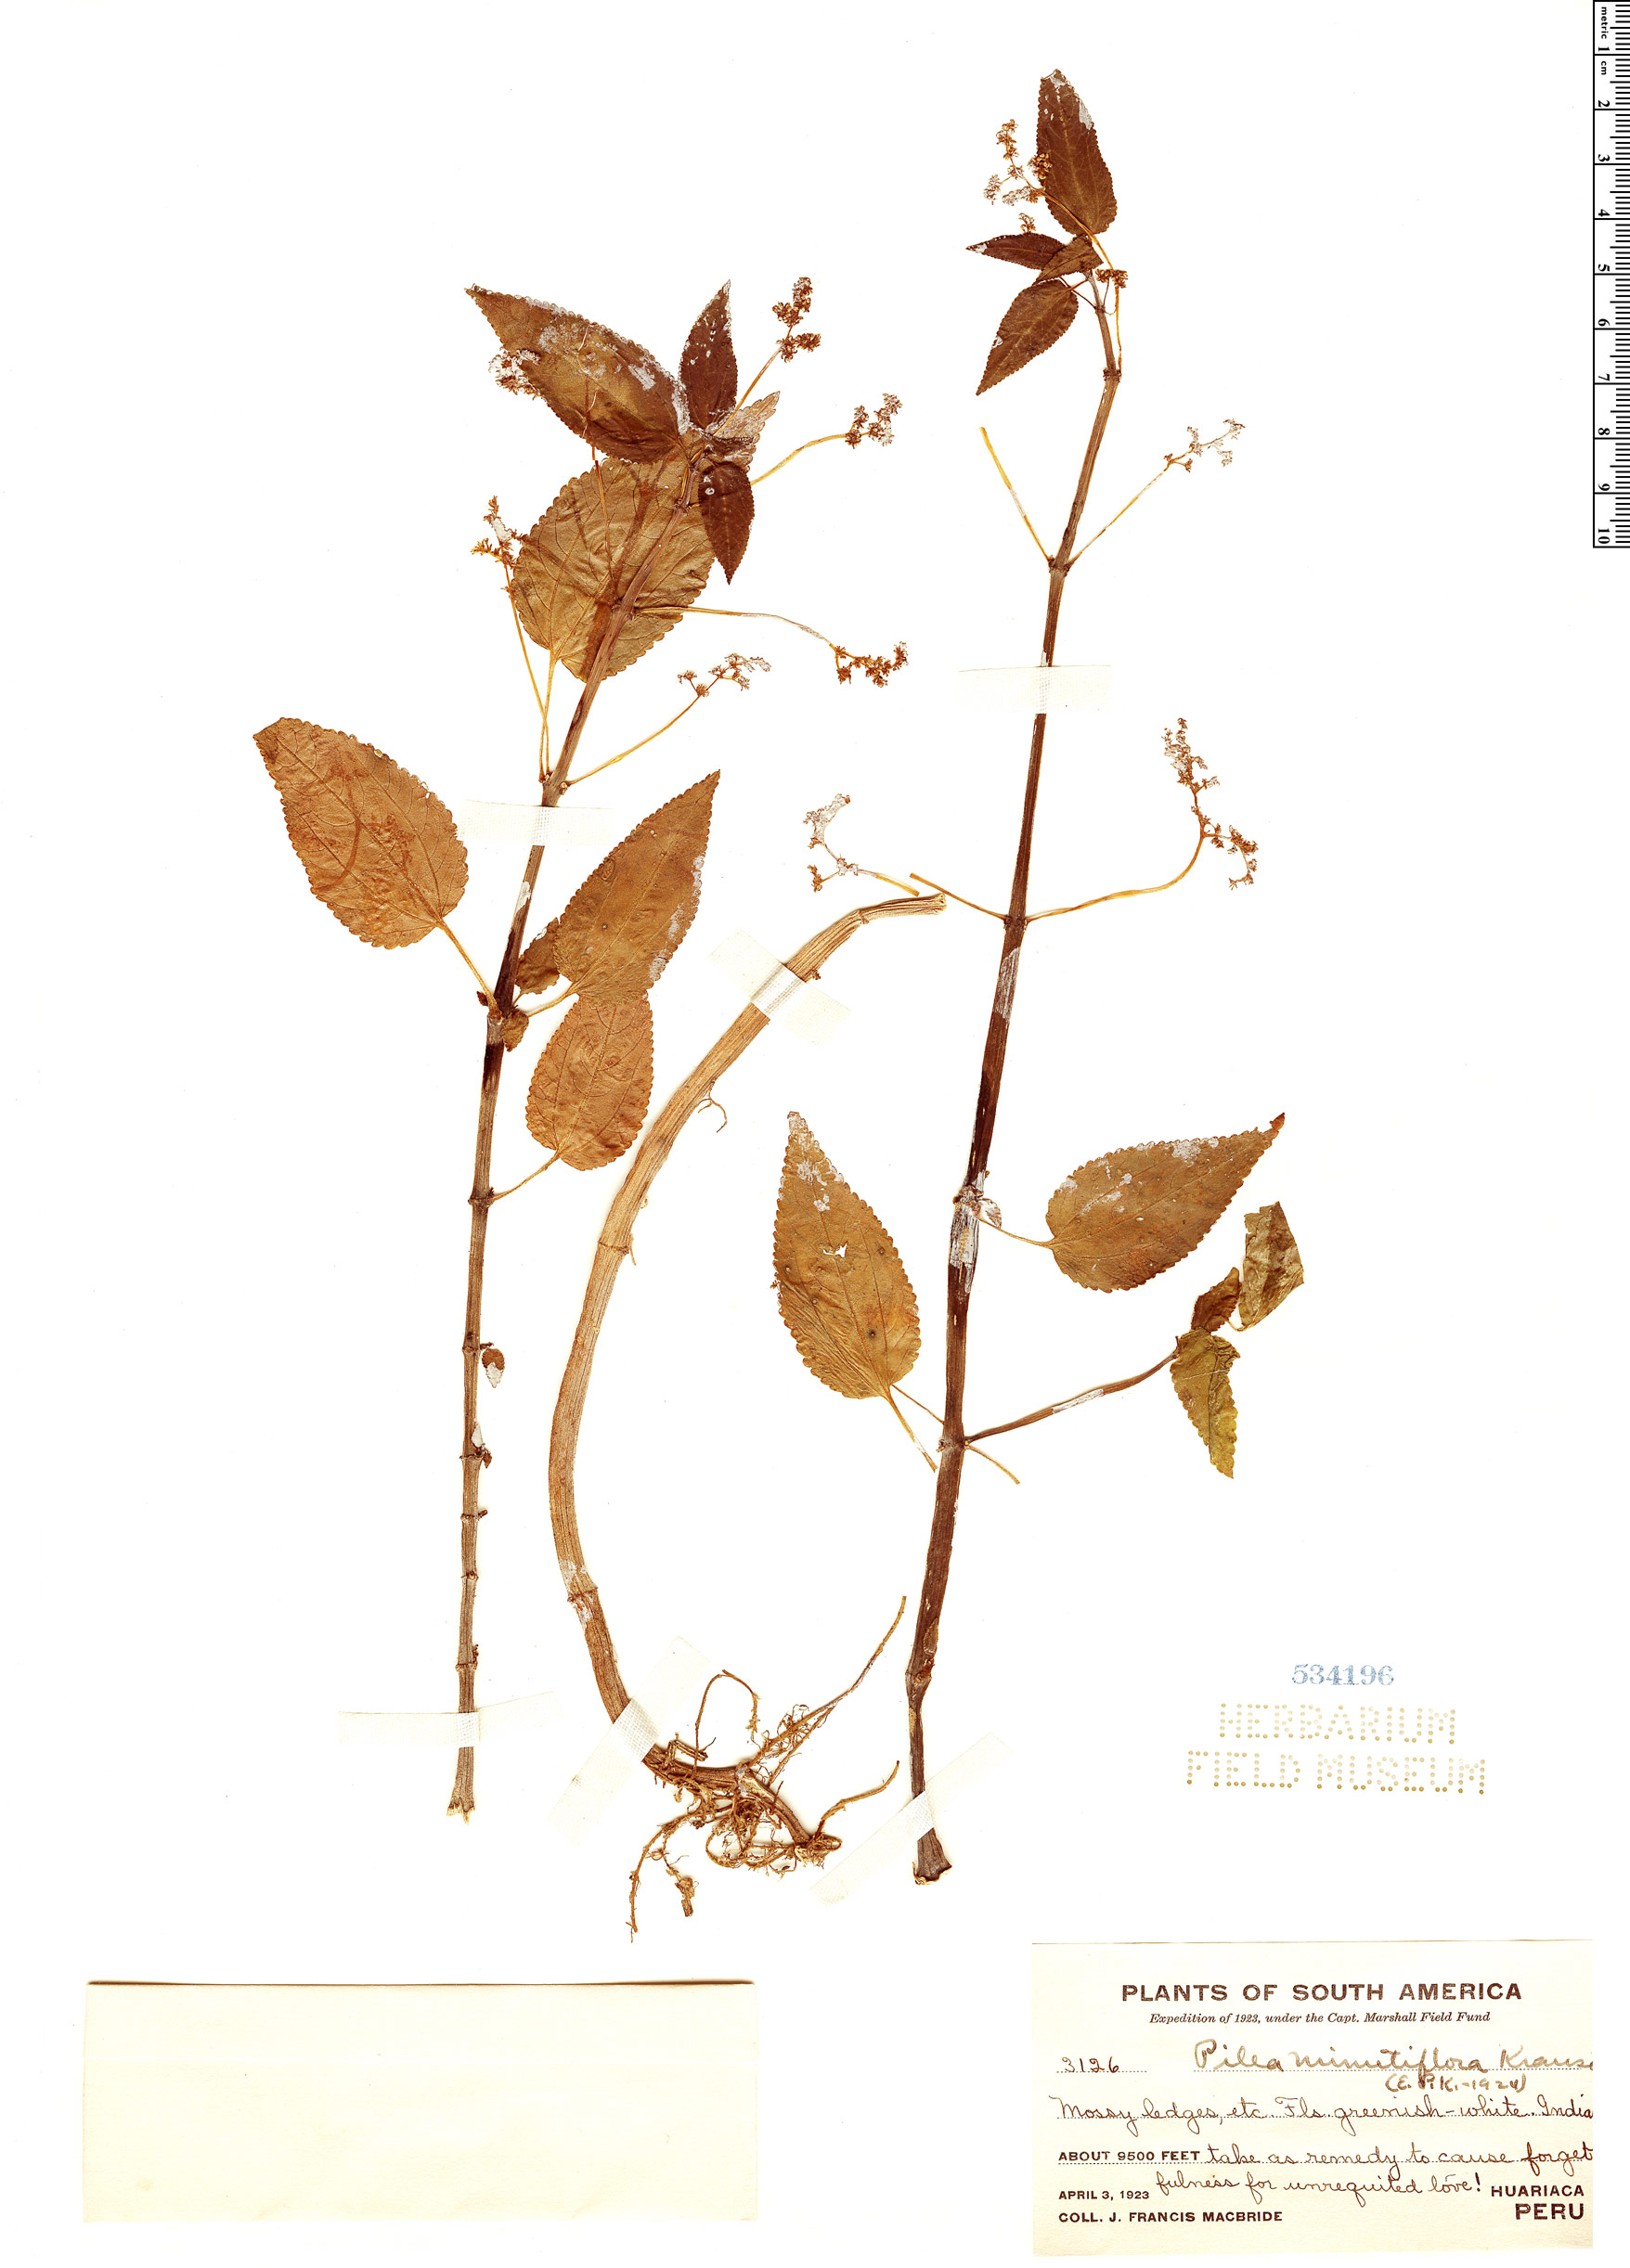 Specimen: Pilea minutiflora